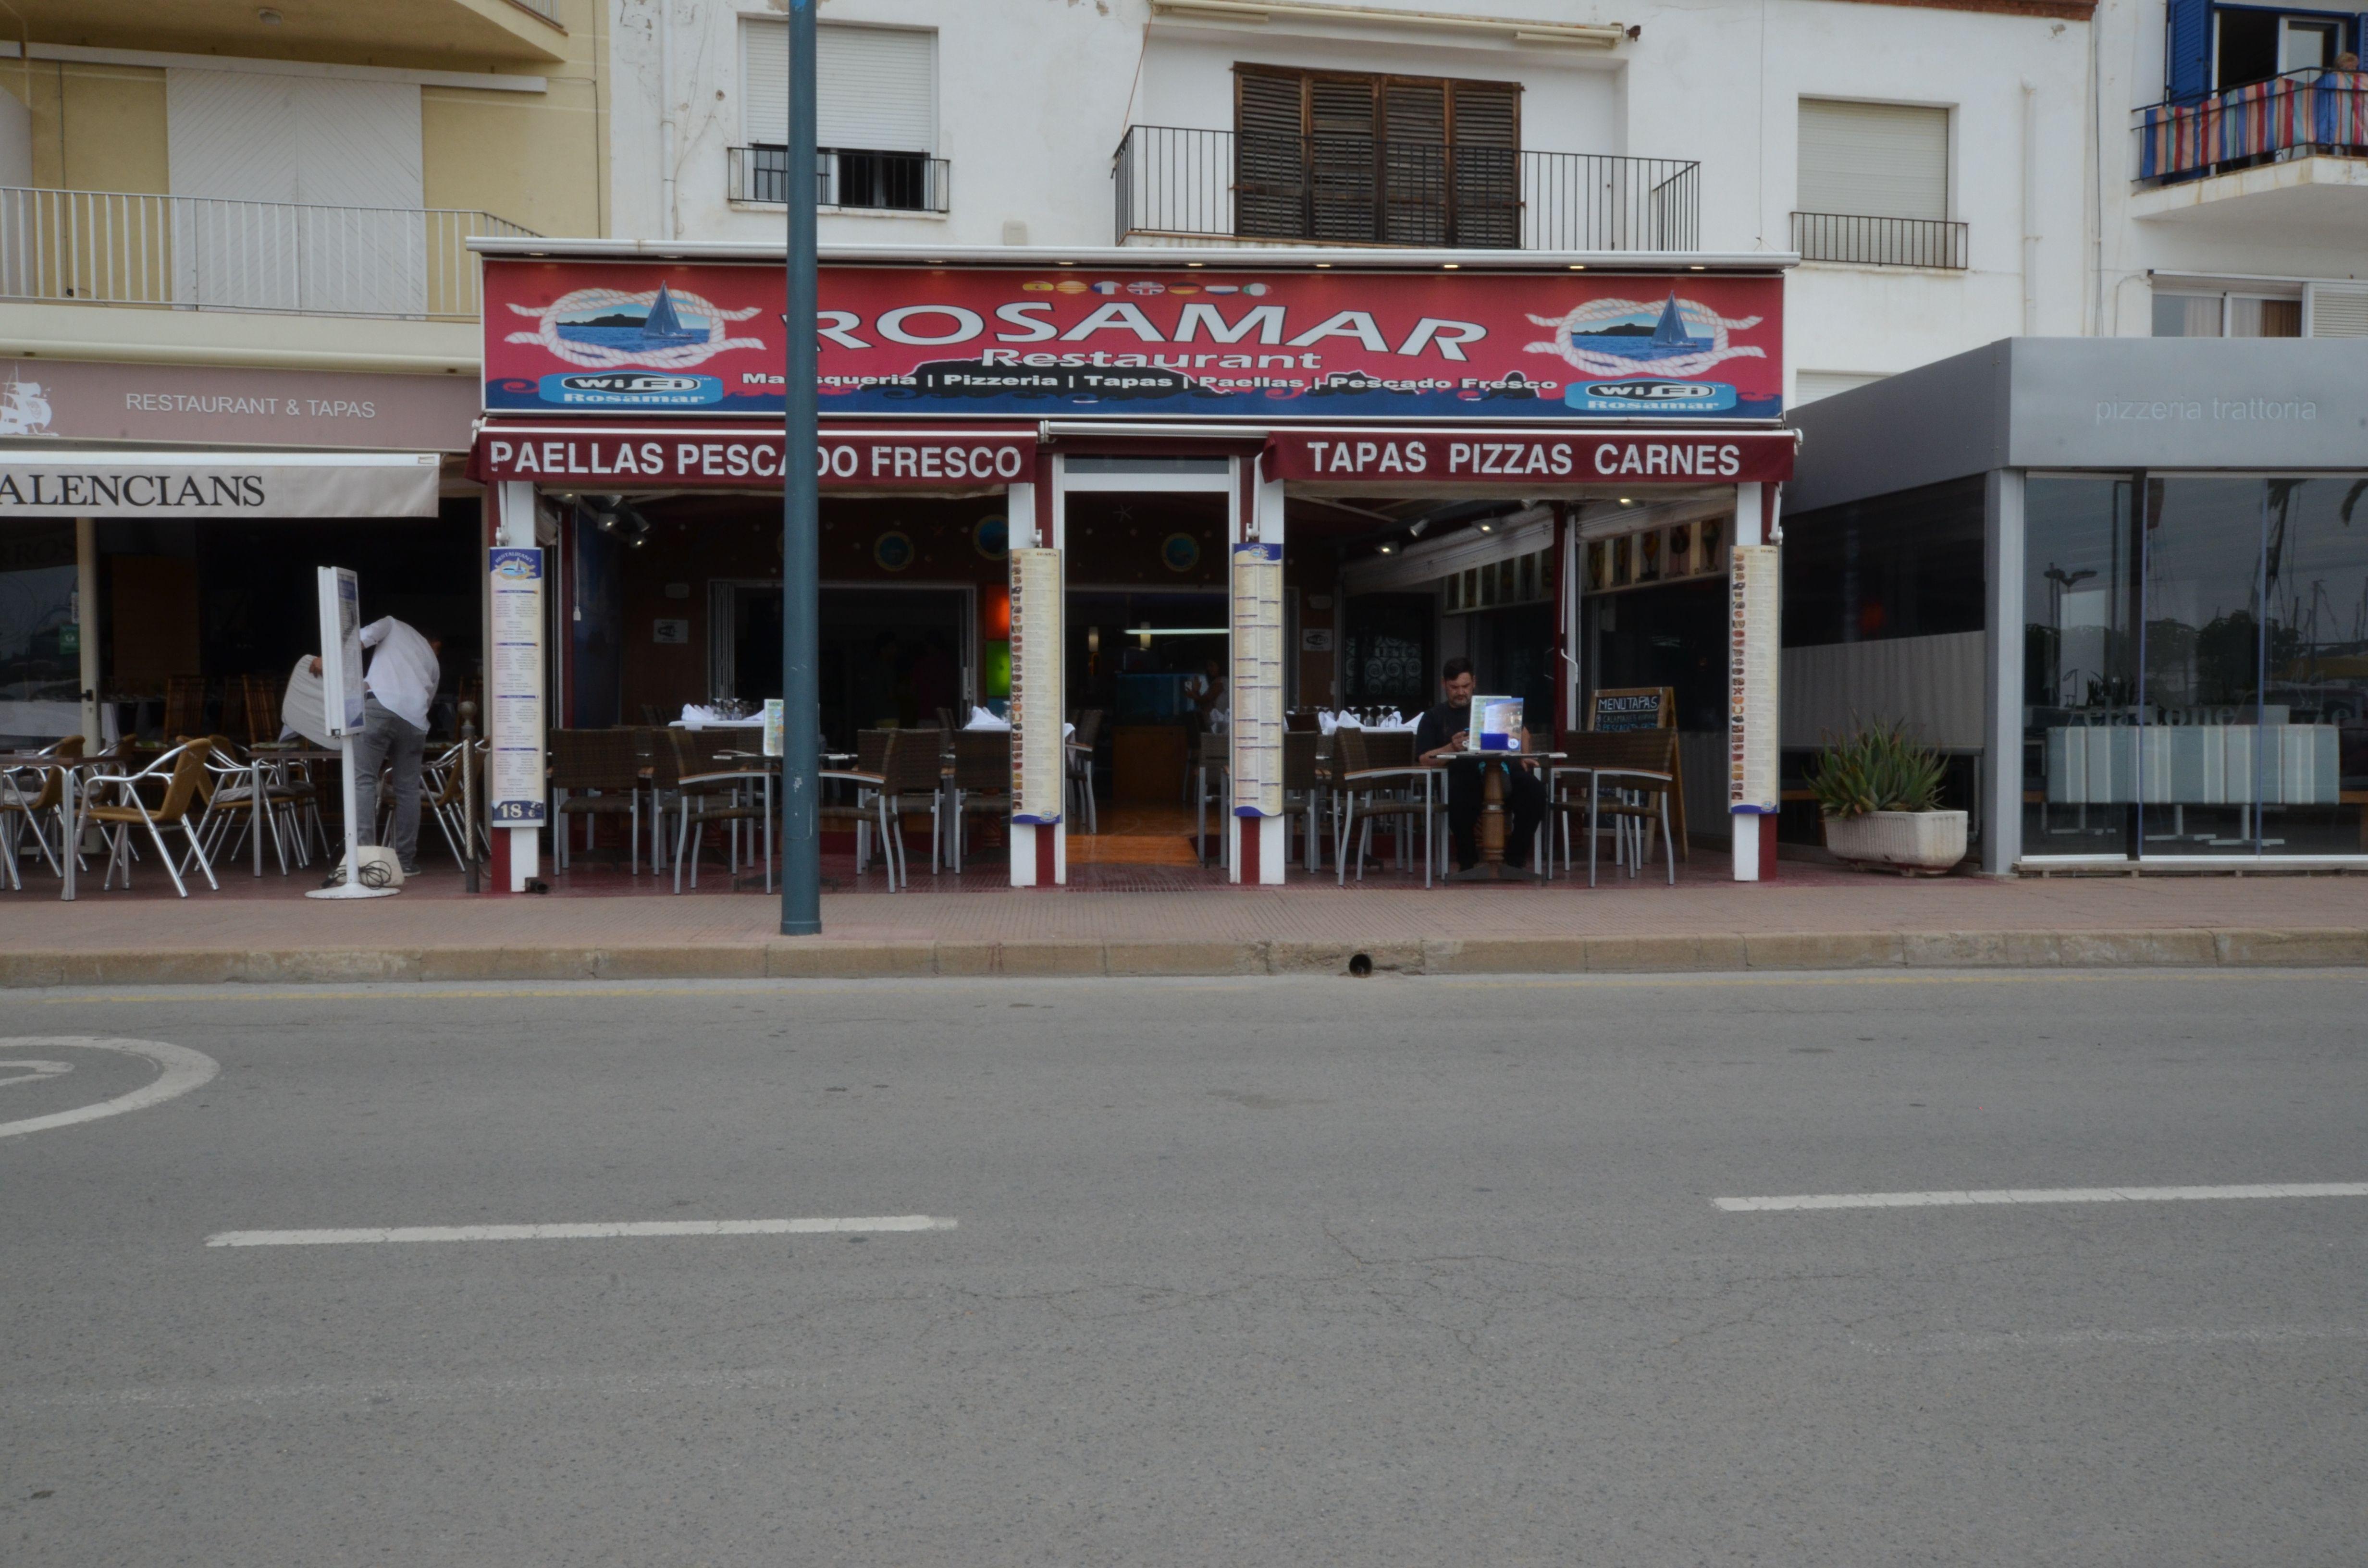 Foto 1 de Restaurante en Torroella de Montgrí | Restaurant Rosamar